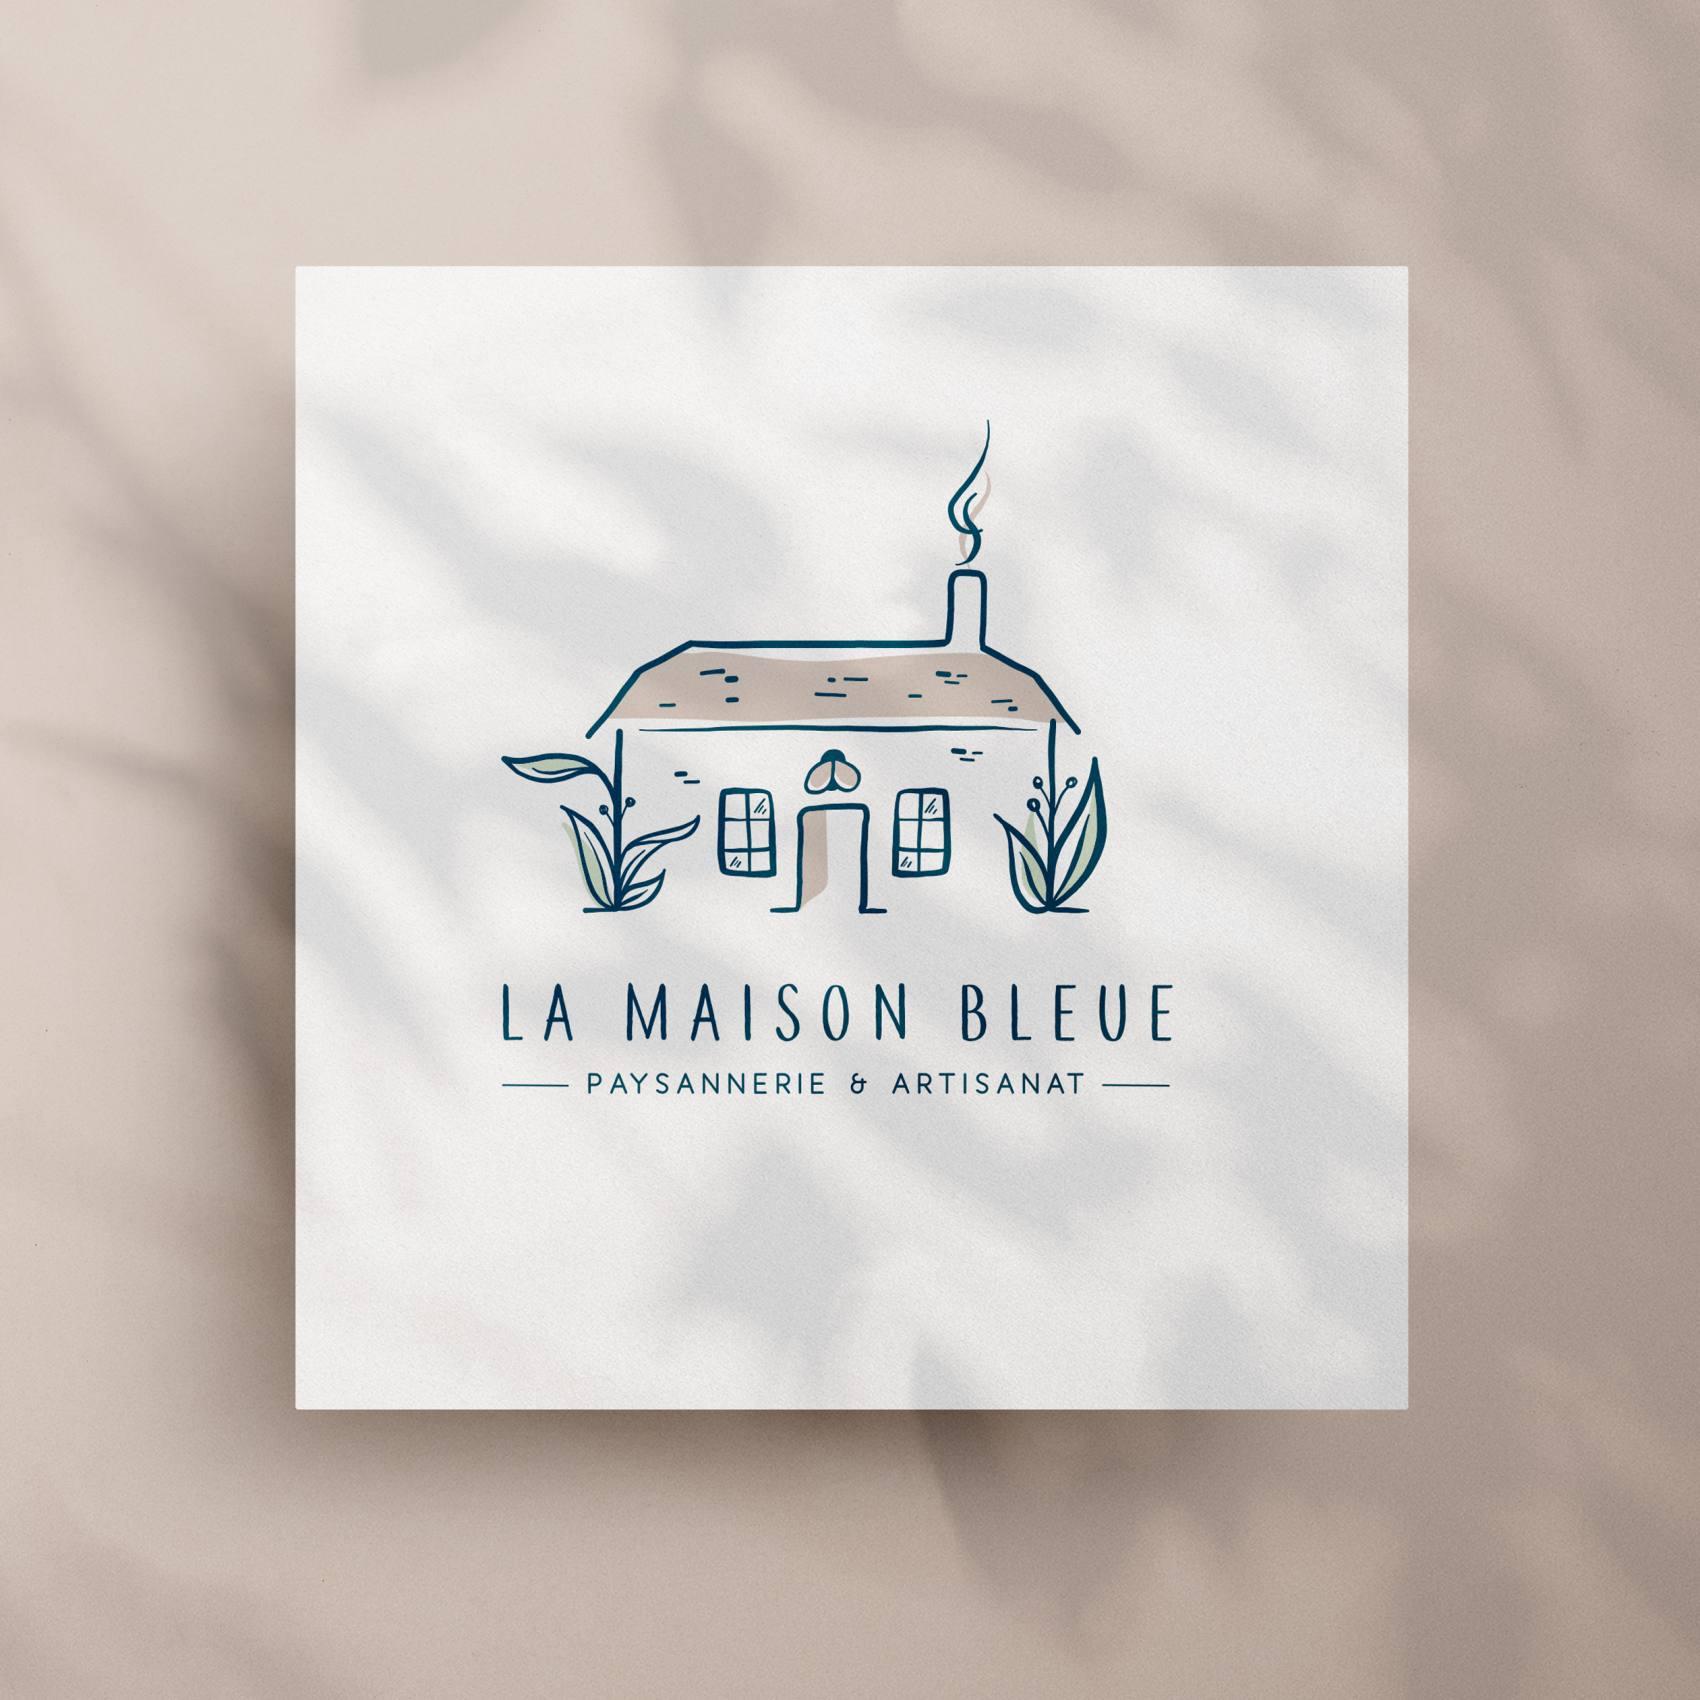 La Maison Bleue • Paysannerie et artisanat